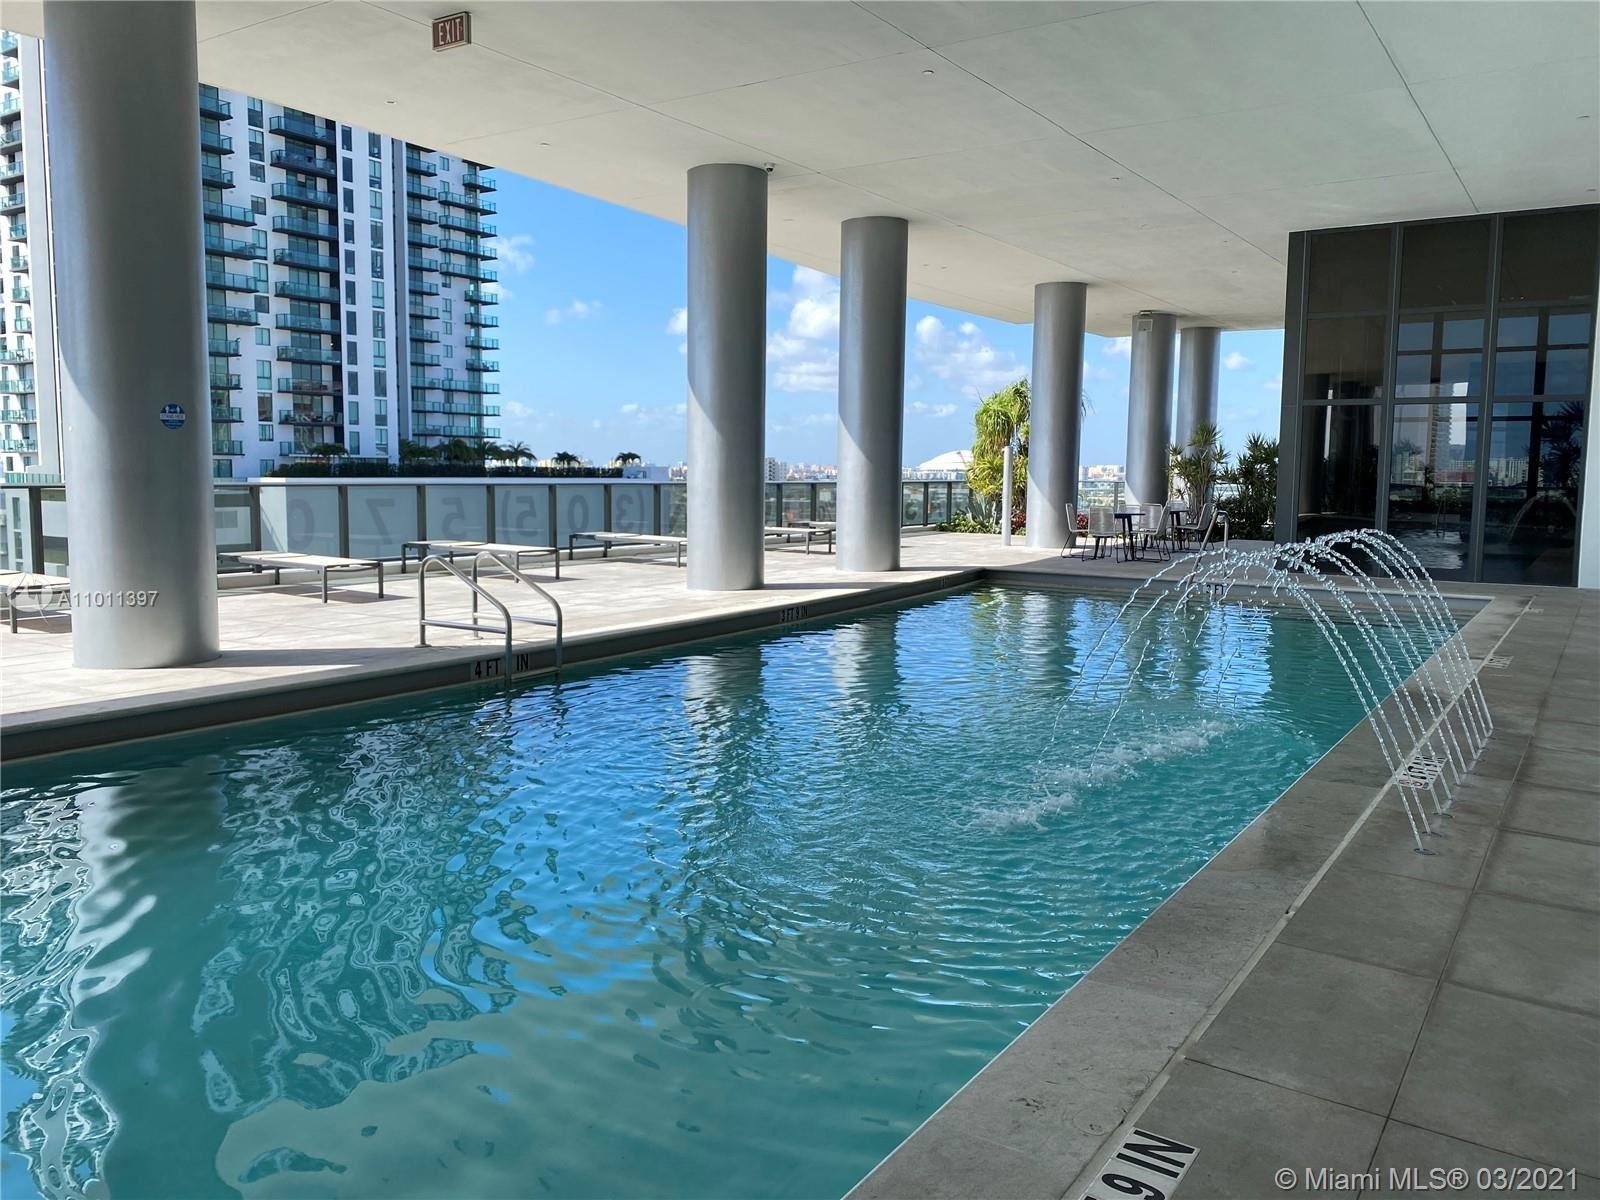 1600 NE 1st Ave #1409, Miami, FL 33132 - #: A11011397